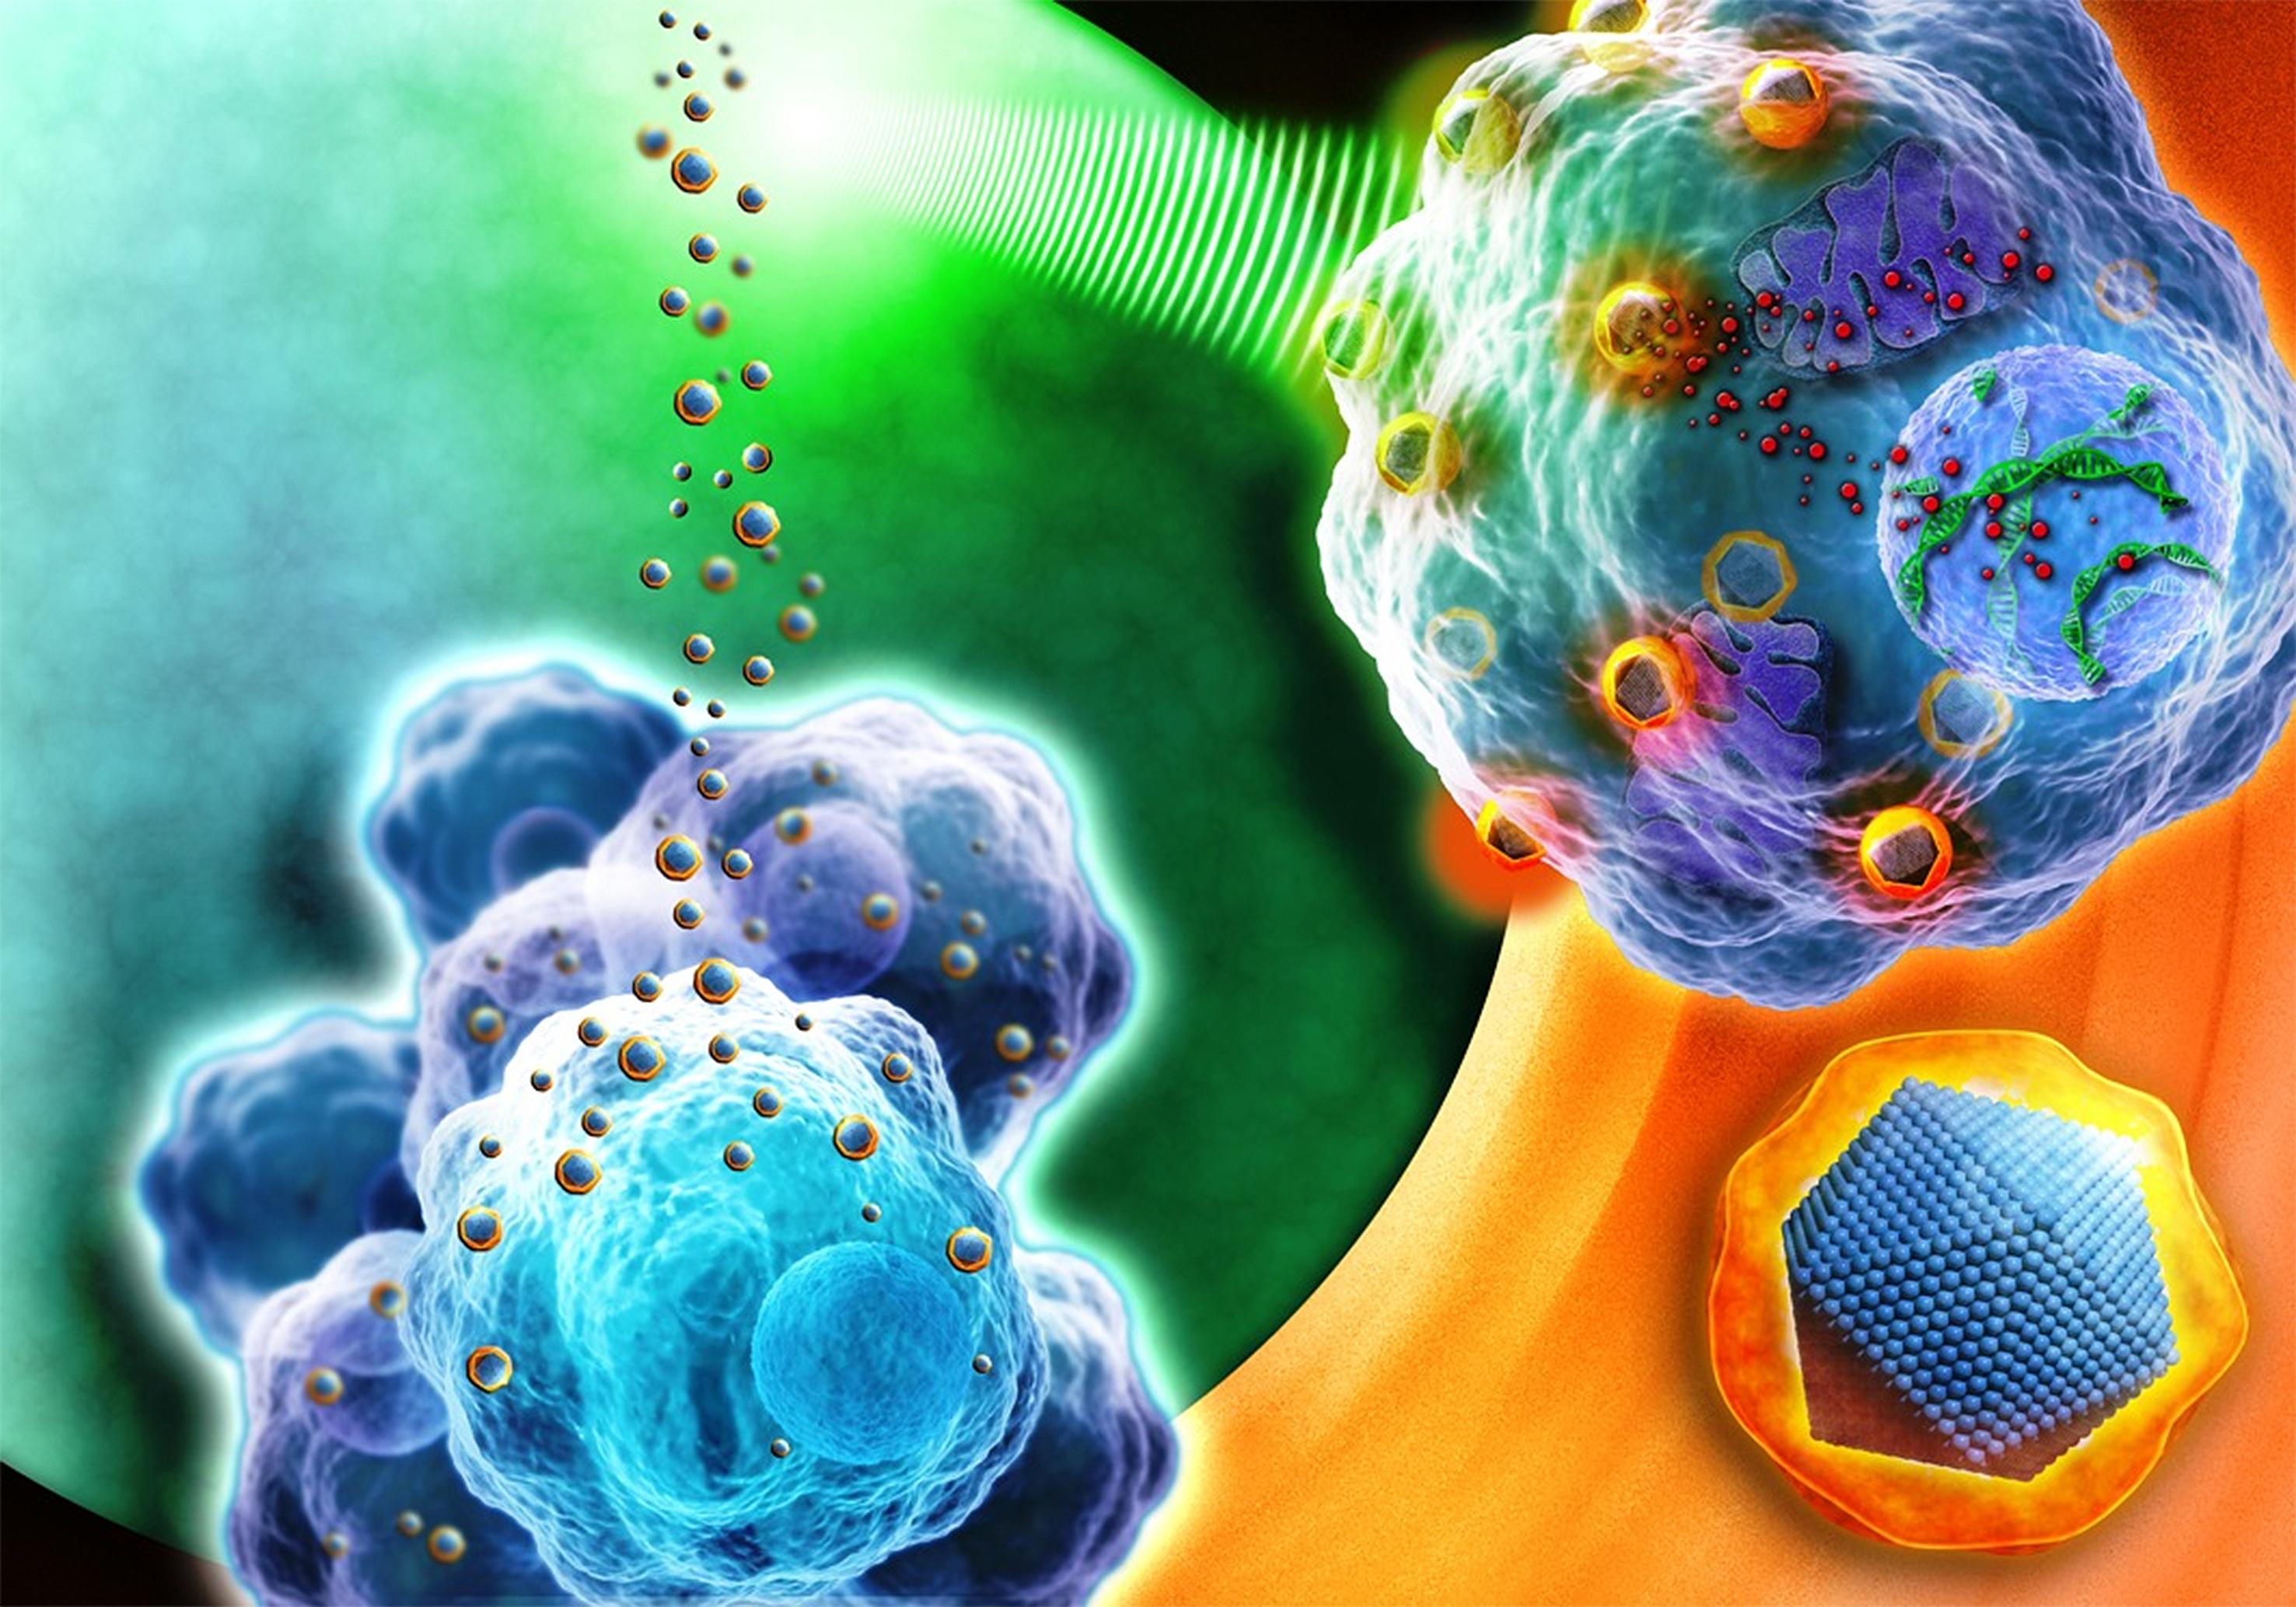 Nanopartículas atacando células tumorales. Fuente: AlphaGalileo.